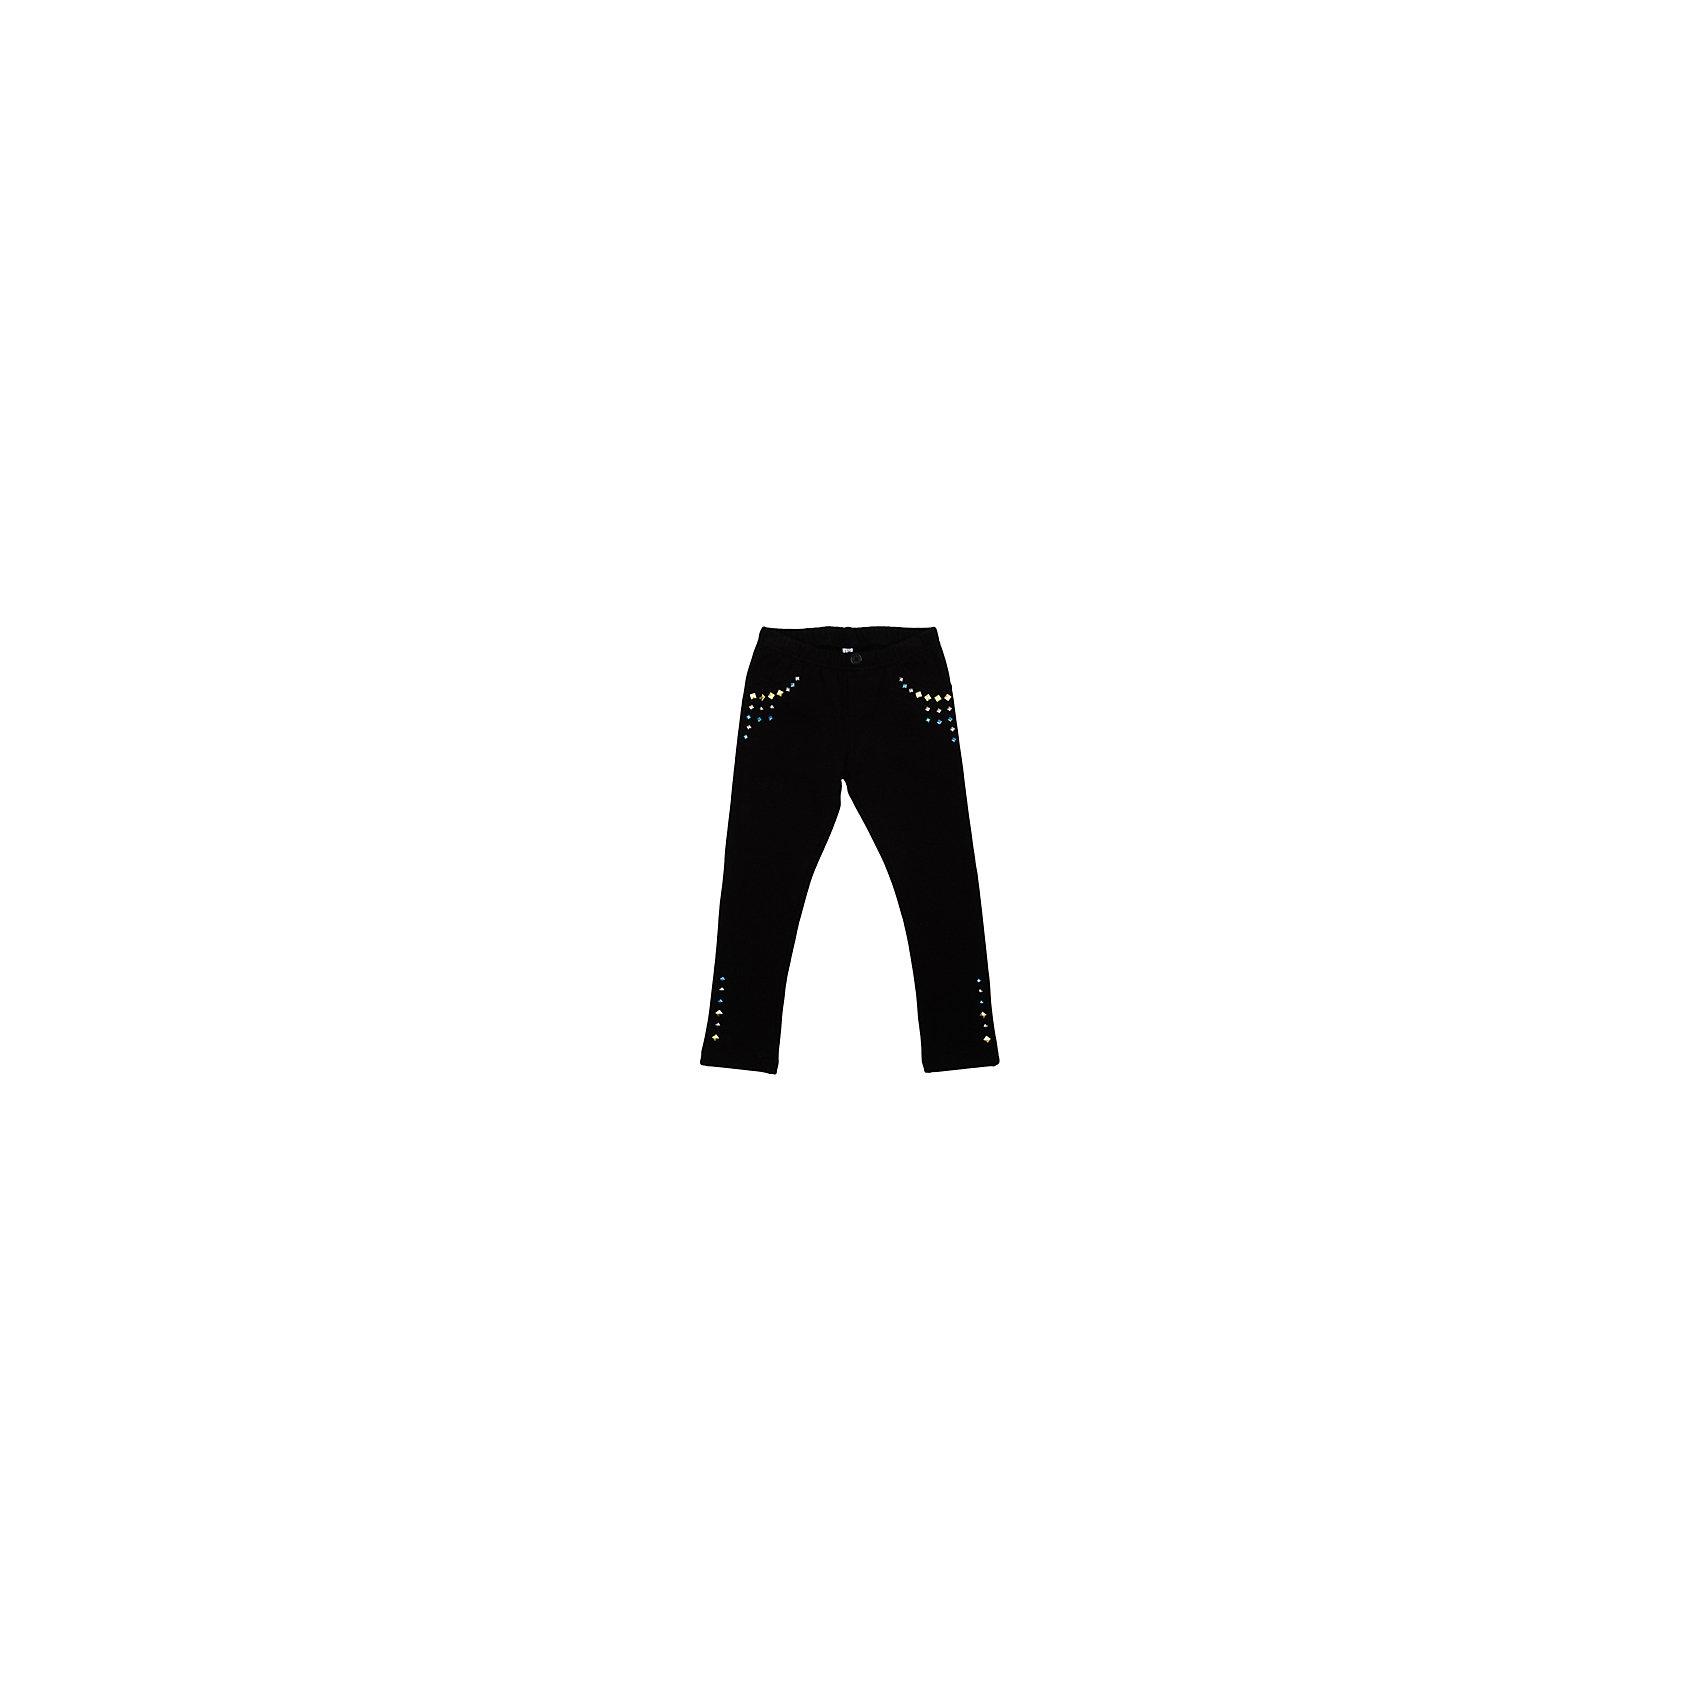 Брюки для девочки PlayTodayБрюки<br>Брюки для девочки от известного бренда PlayToday.<br>Уютные брюки из футера с начесом. Украшены цветными метализированными стразами. Пояс на мягкой резинке.<br>Состав:<br>95% хлопок, 5% эластан<br><br>Ширина мм: 215<br>Глубина мм: 88<br>Высота мм: 191<br>Вес г: 336<br>Цвет: синий<br>Возраст от месяцев: 36<br>Возраст до месяцев: 48<br>Пол: Женский<br>Возраст: Детский<br>Размер: 104,122,128,110,116,98<br>SKU: 4897180